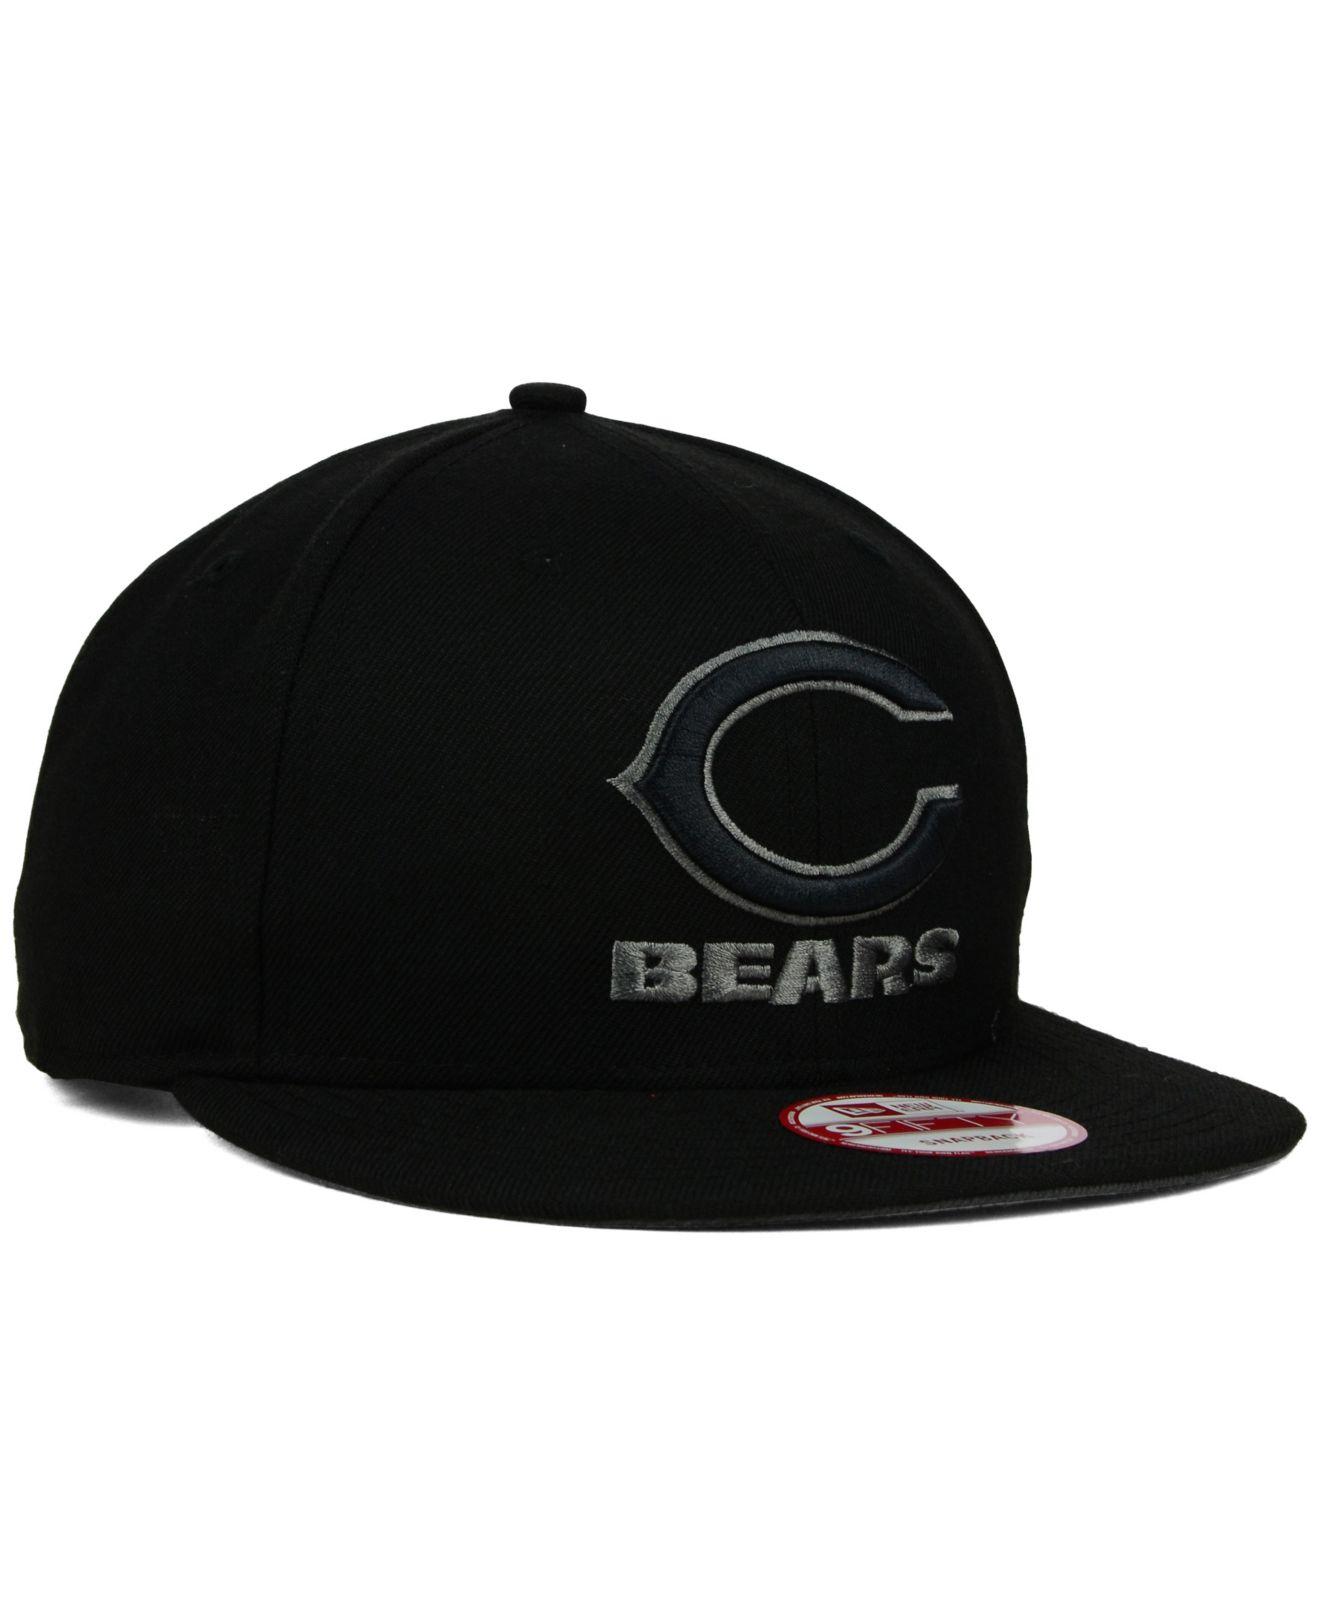 b03e5e1d1be Lyst - Ktz Chicago Bears Black Gray 59fifty Hat in Black for Men